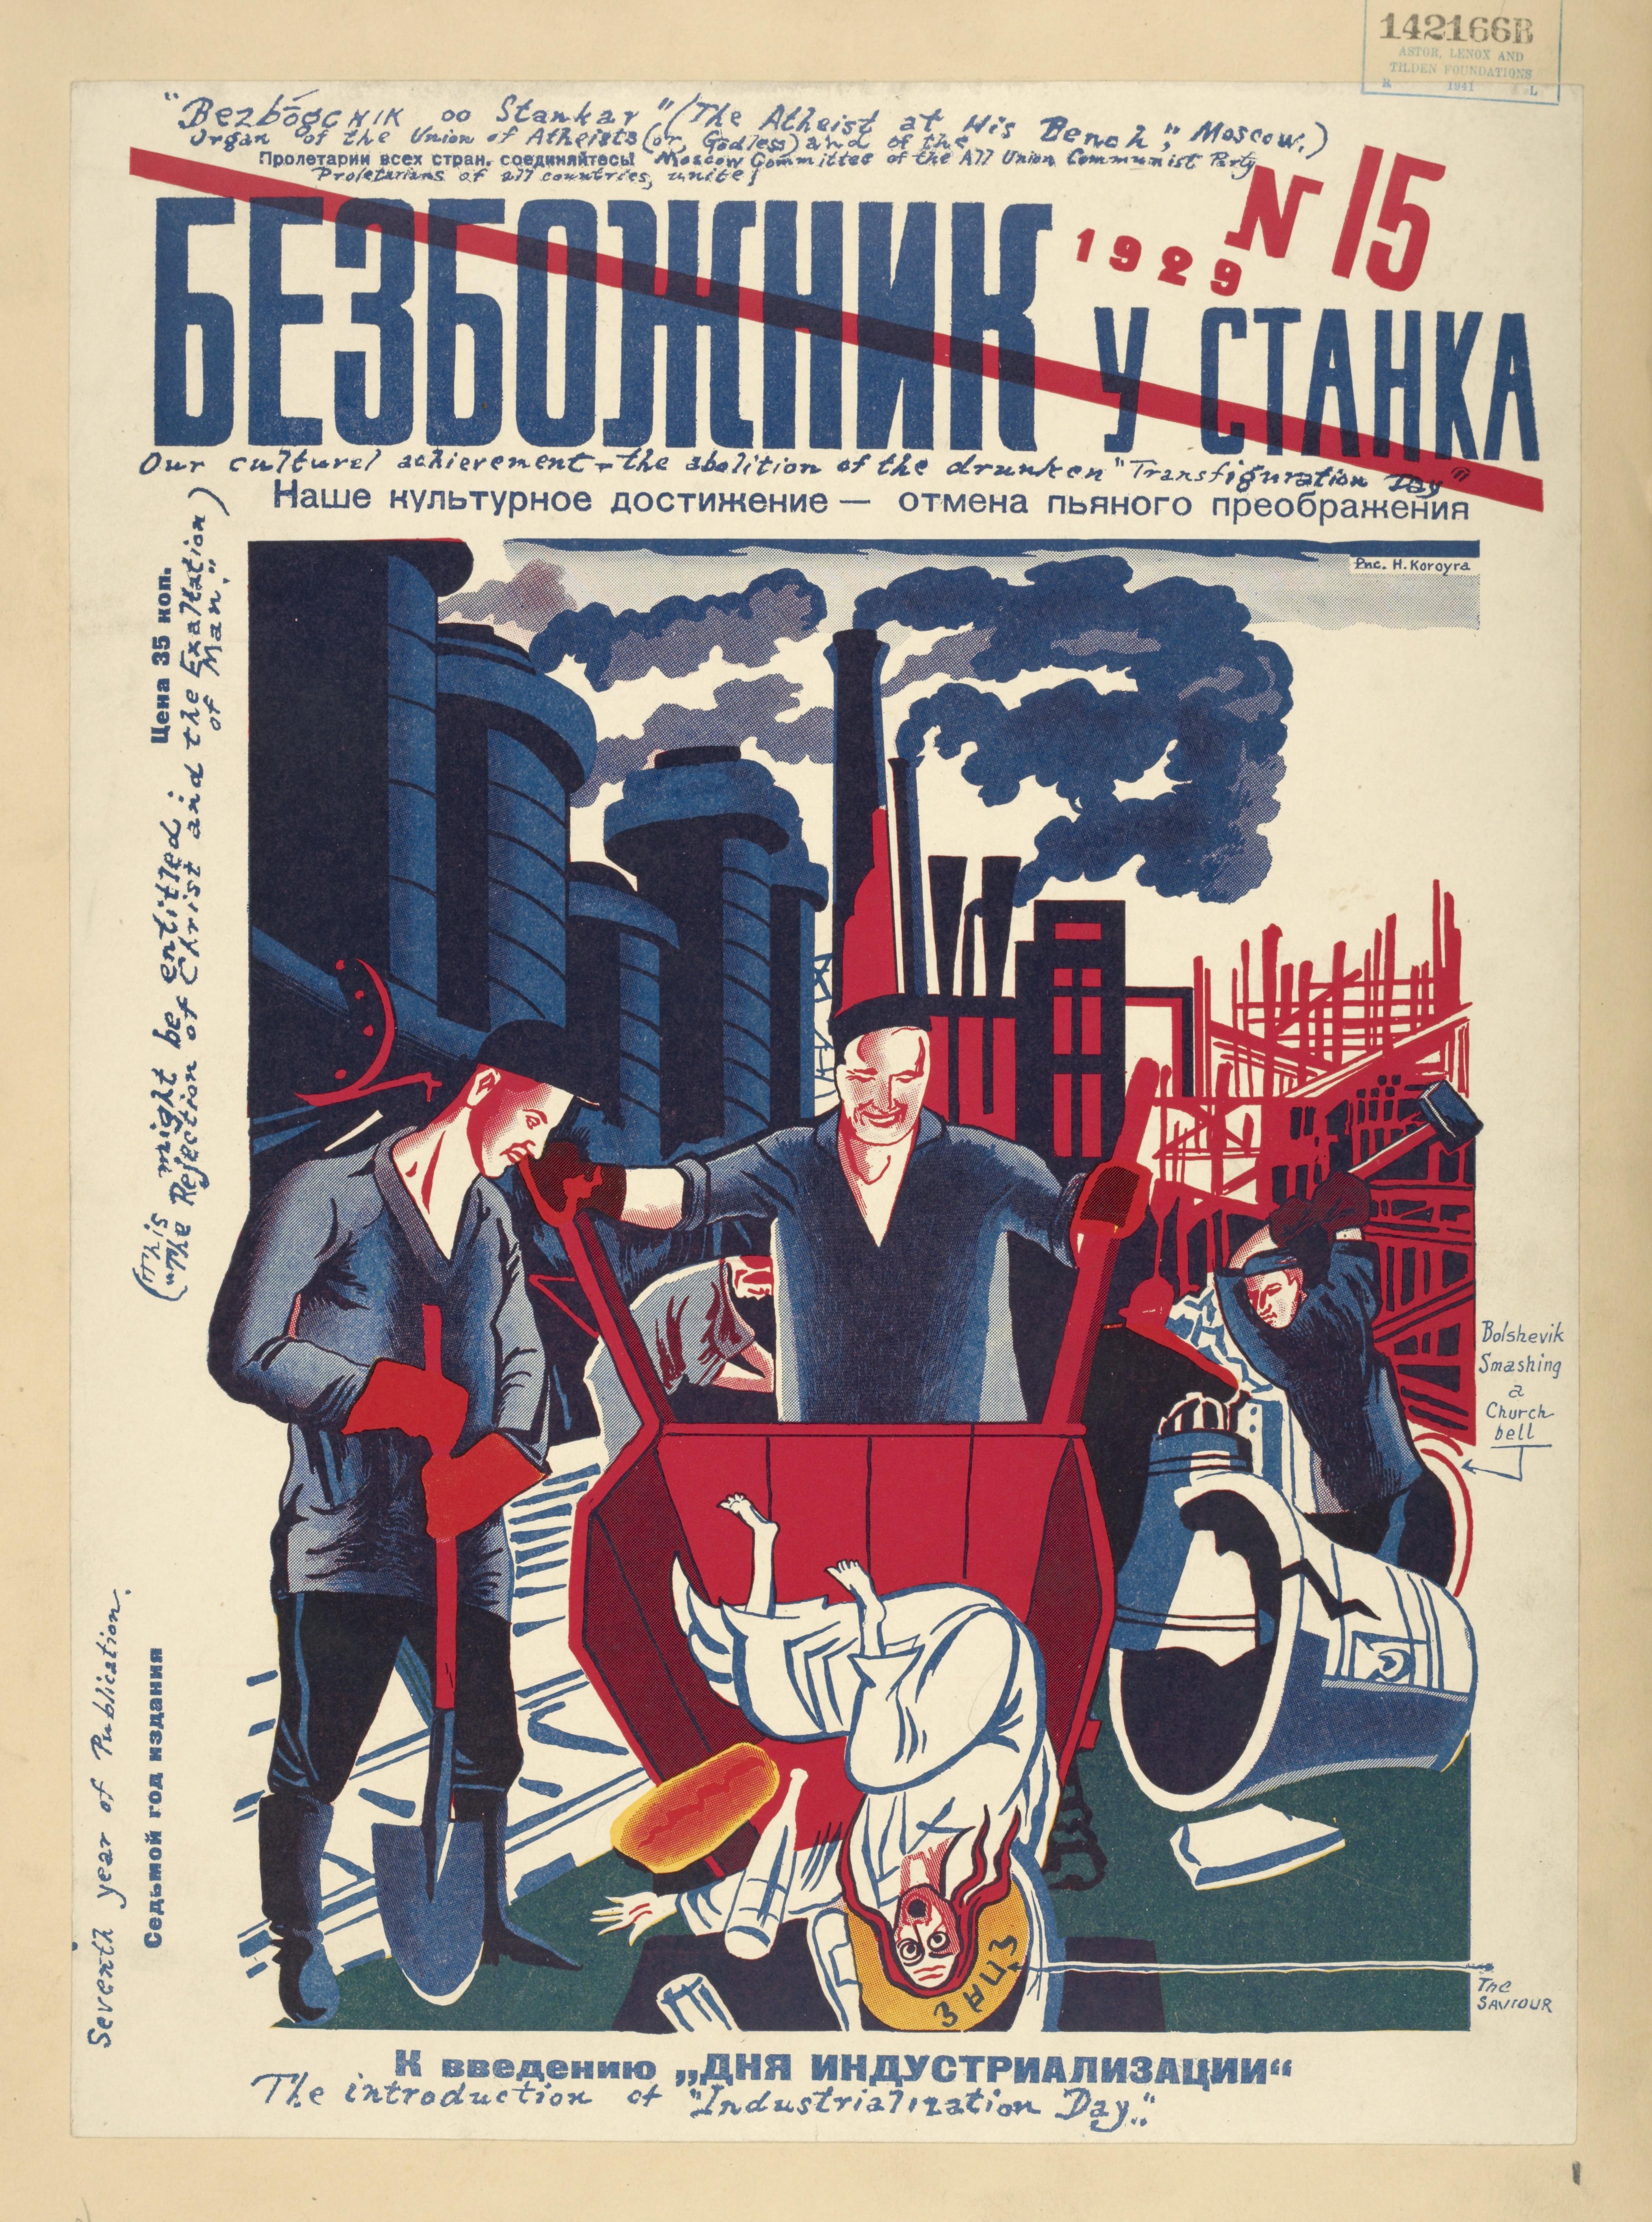 Bezbozhnik_u_stanka_15-1929.jpg